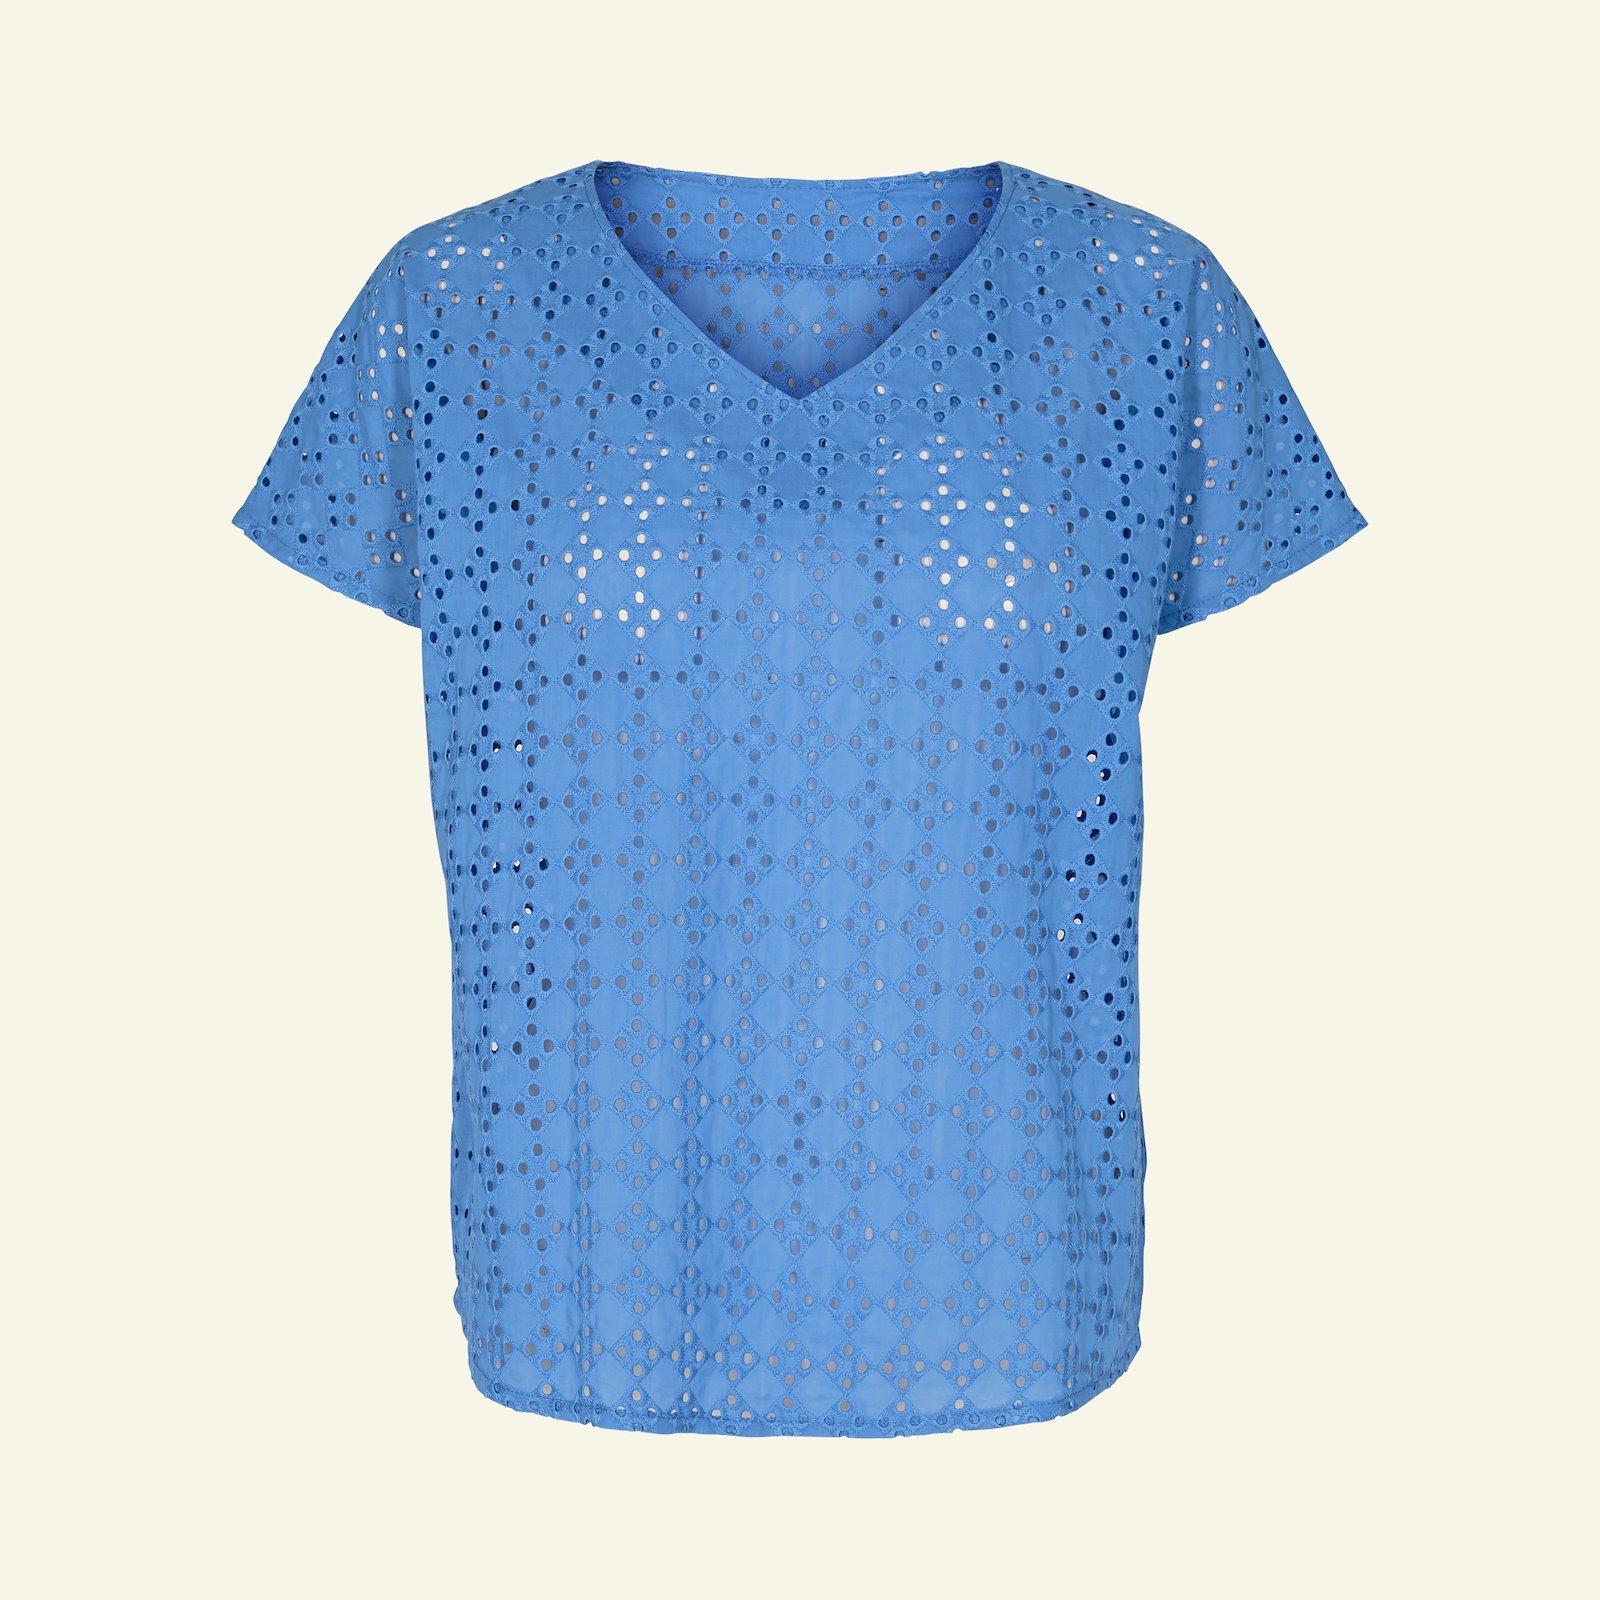 Short sleeved blouse, 38/10 p22065_550104_sskit